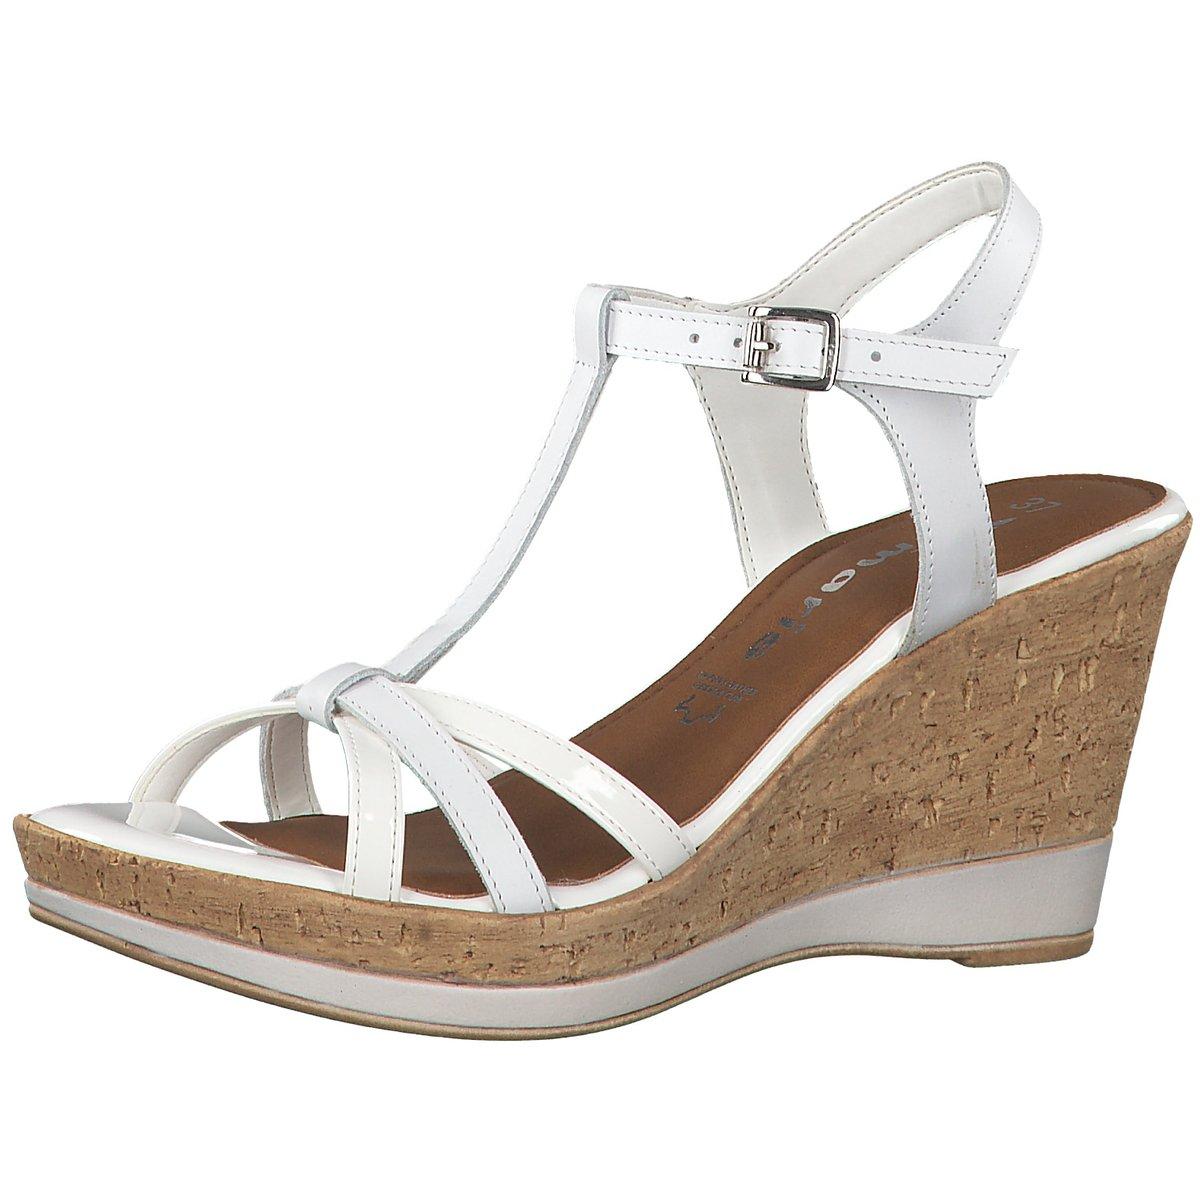 Details zu Tamaris Damen Sandaletten WHITE 1 1 28347 22 100 weiß 602783